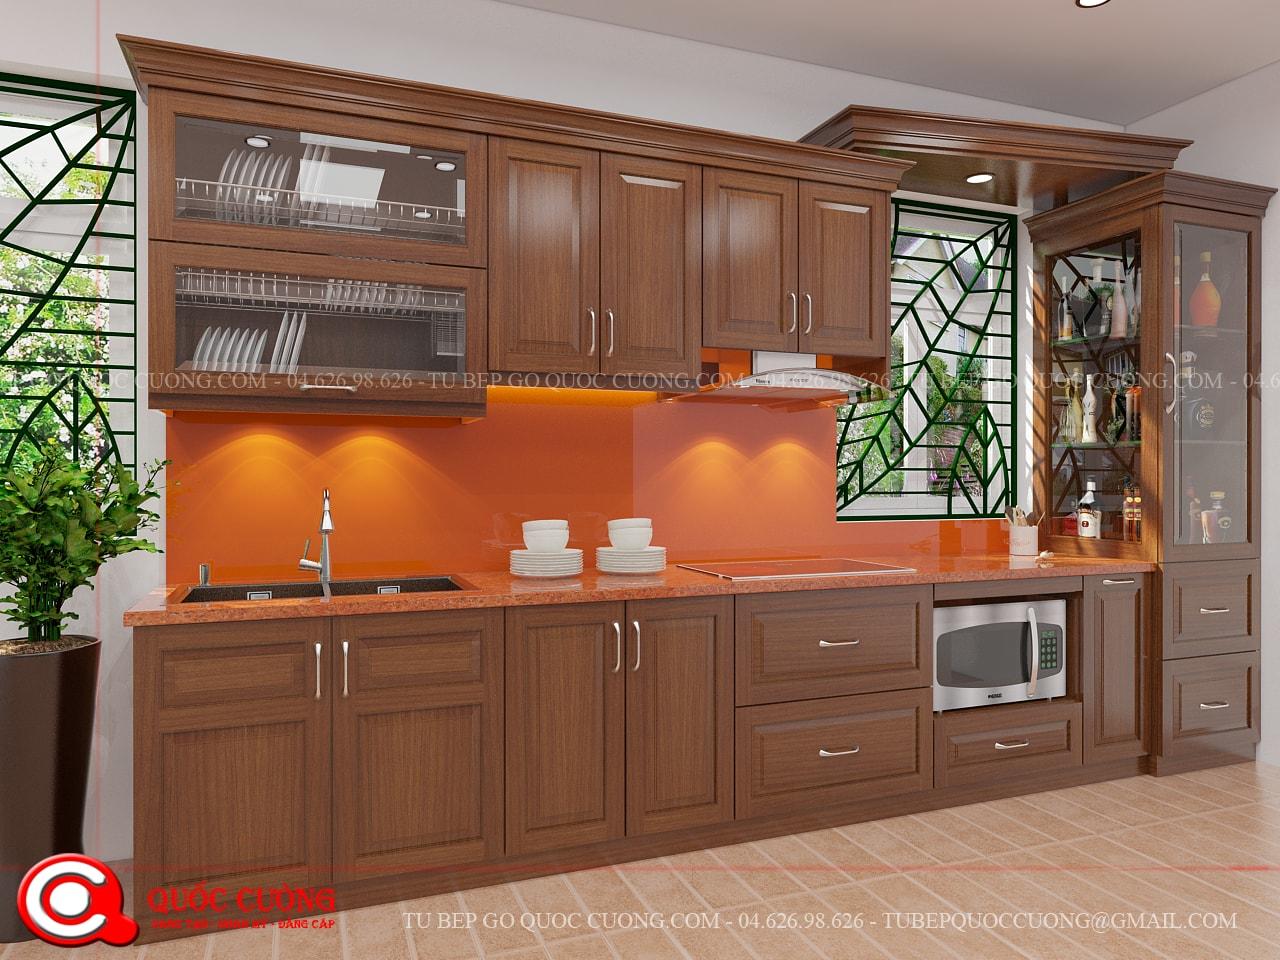 Tủ kế XD 018 được thiết kế theo phong cách tân cổ điển với kiểu dáng chữ I giúp tiết kiệm diện tích và tông màu nâu đậm sang trọng giúp tạo nên không gian căn bếp lịch lãm.